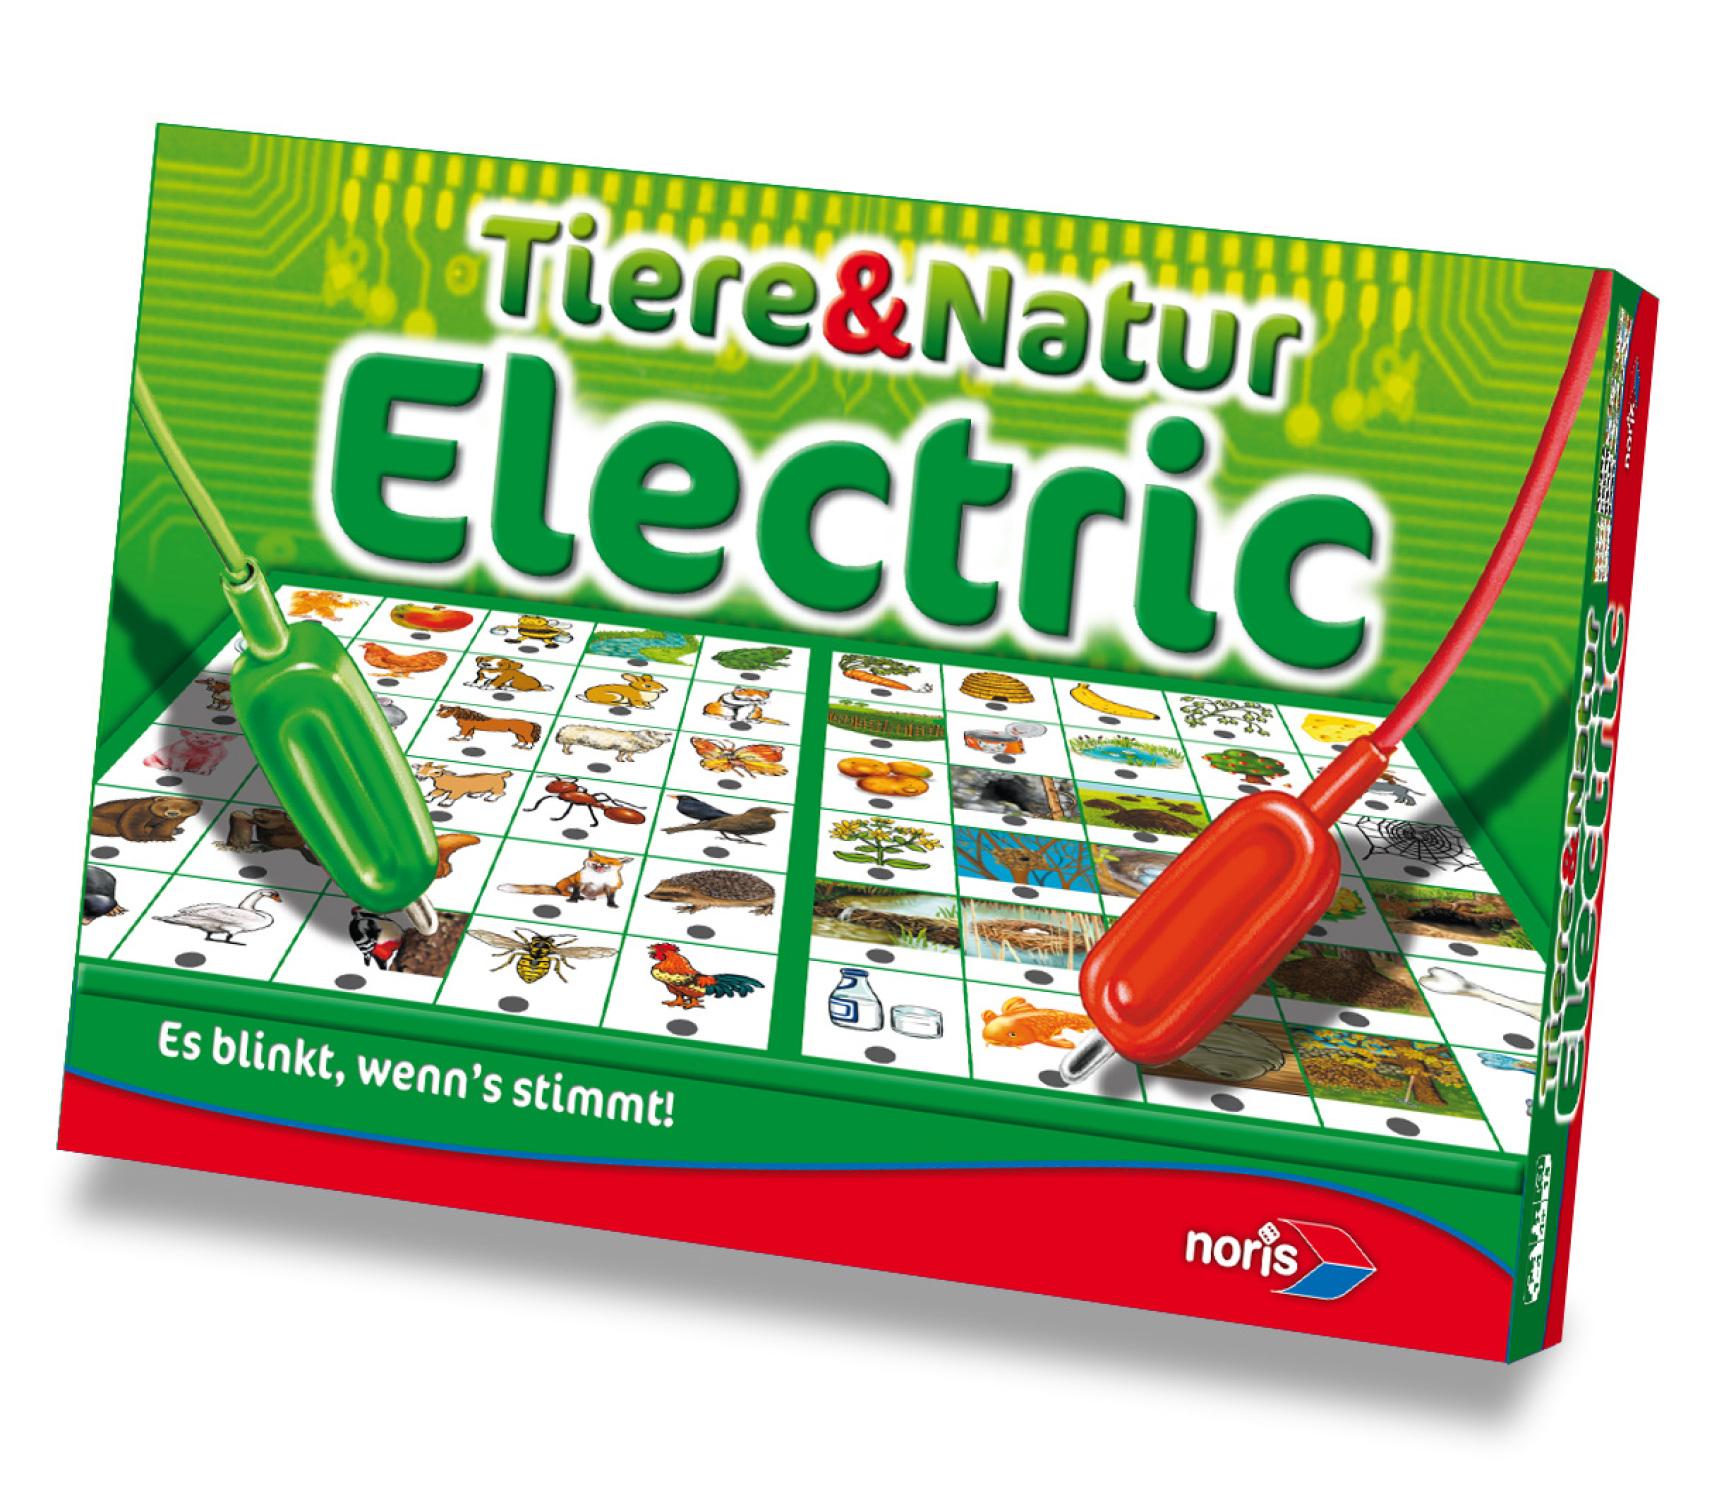 Kinderspiel Tiere und Natur Electric